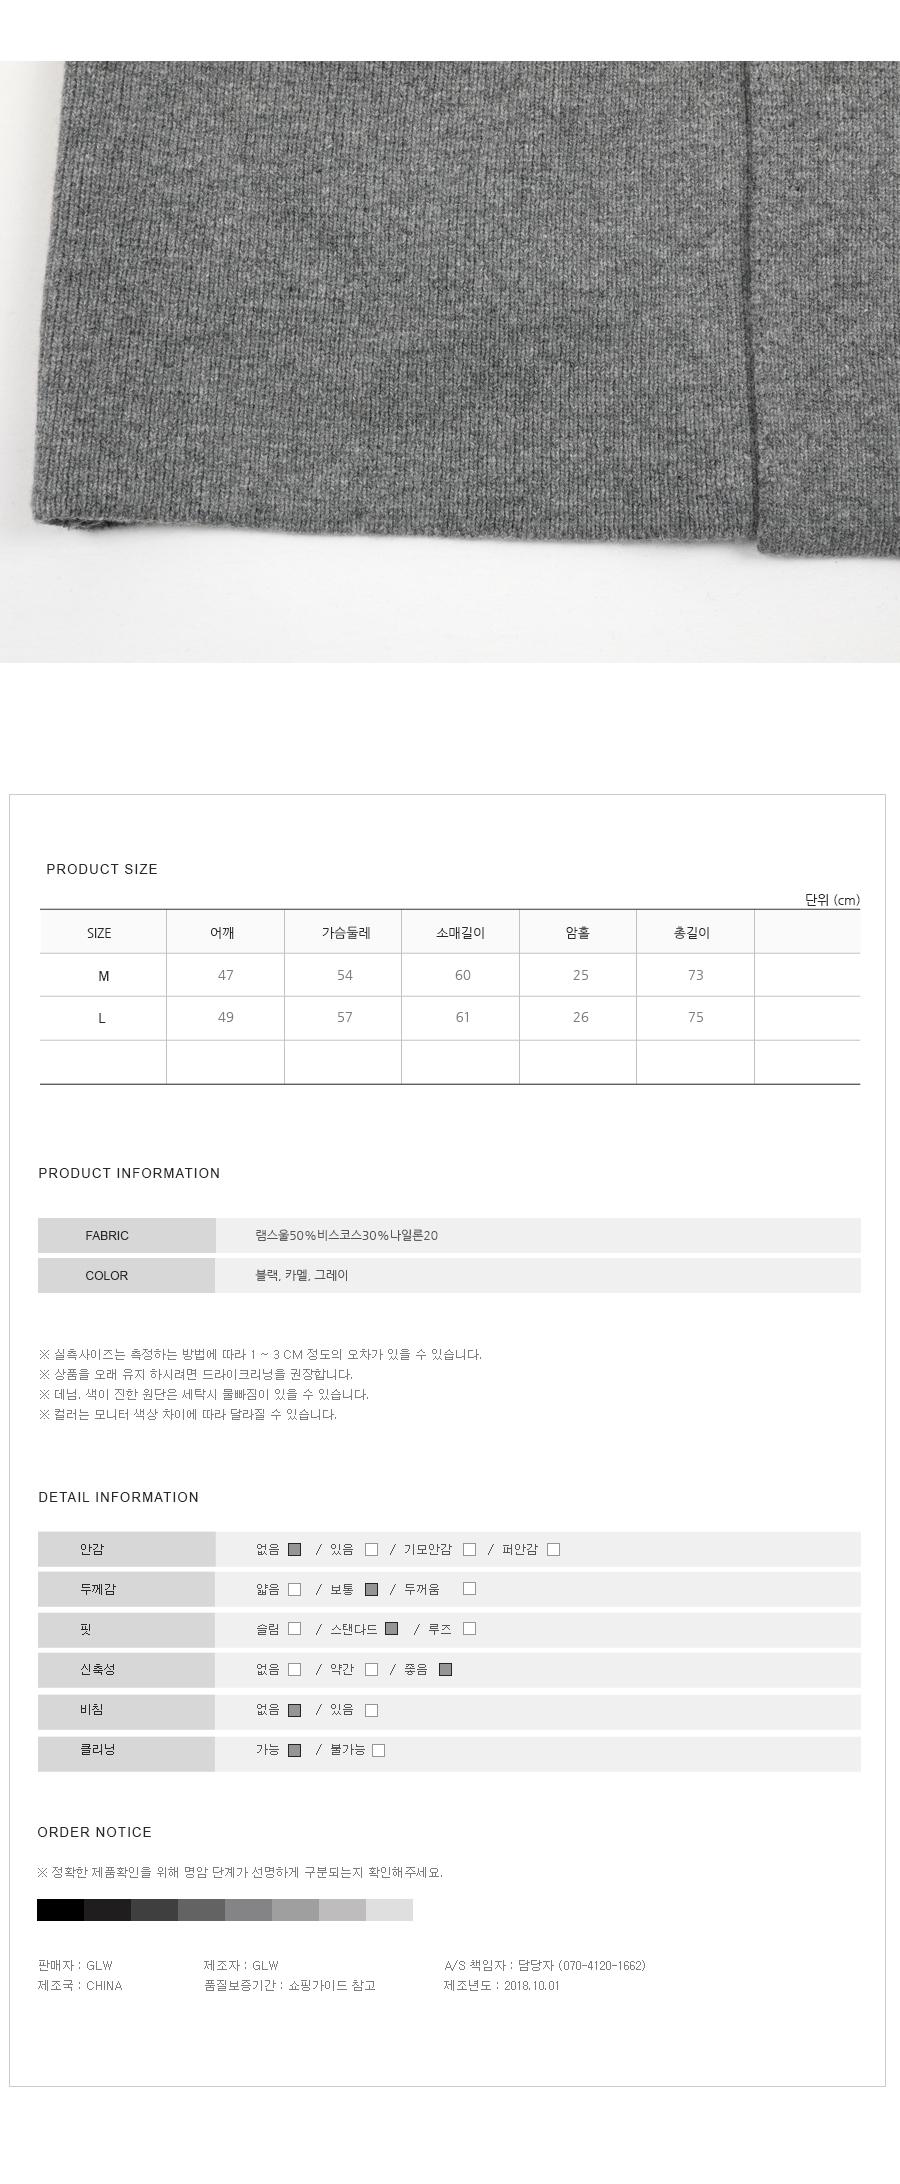 18WTGK07_info_03.jpg